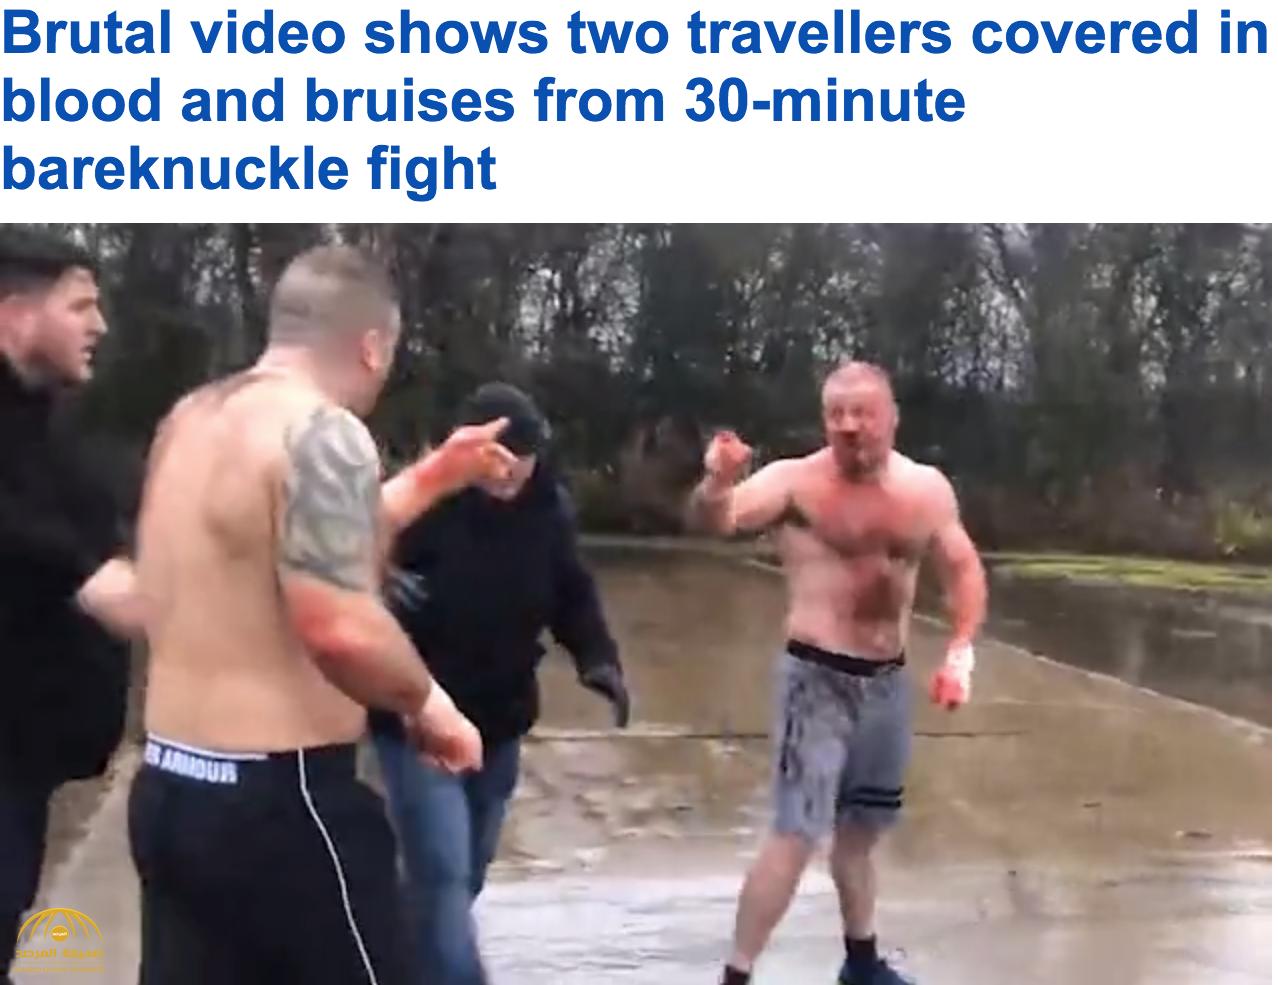 """بالفيديو: شاهد ملاكمة """"دامية"""" بين اثنين في بريطانيا بسبب خلاف عائلي"""